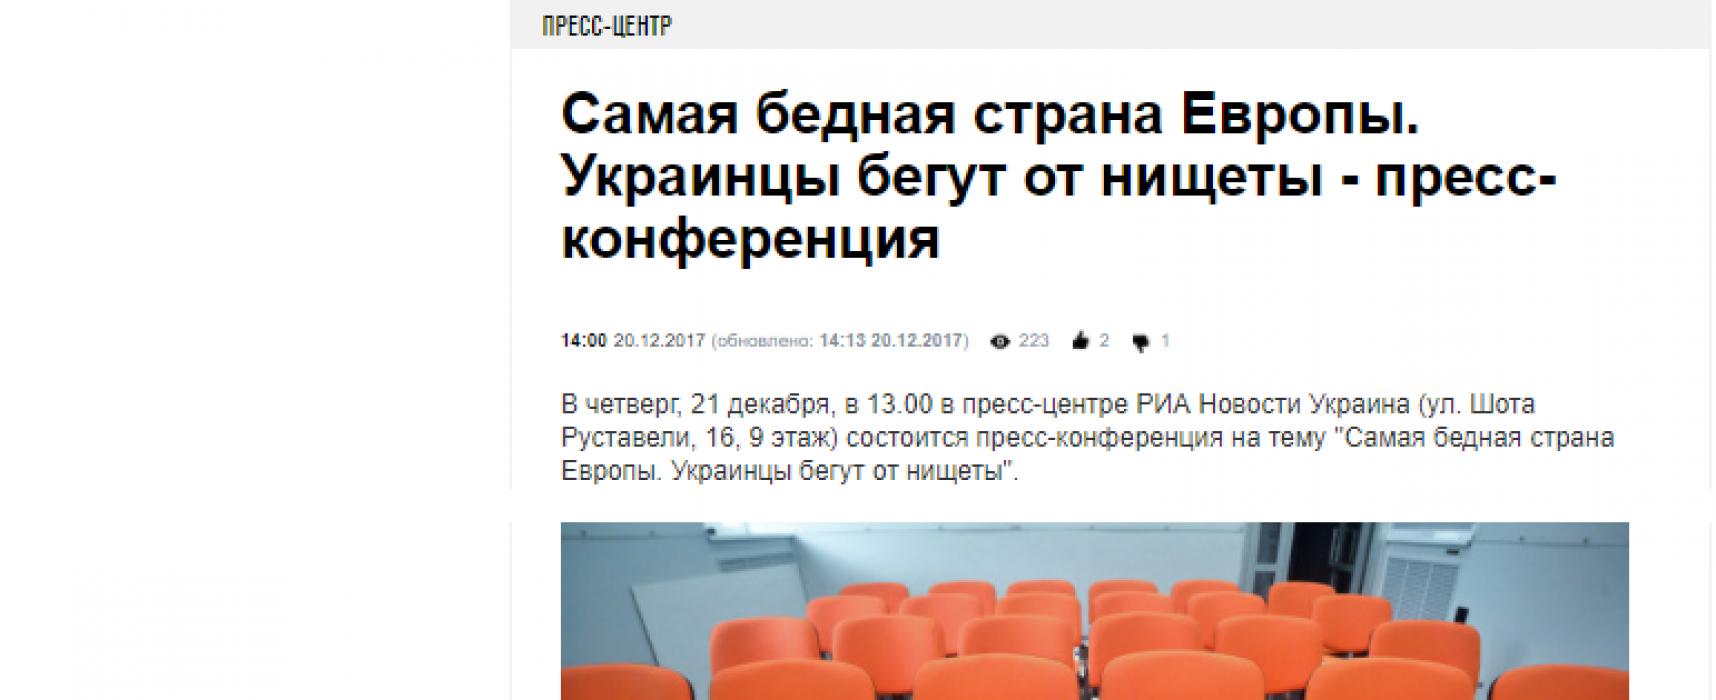 Manipulativ: Die Ukraine ist das ärmste Land Europas